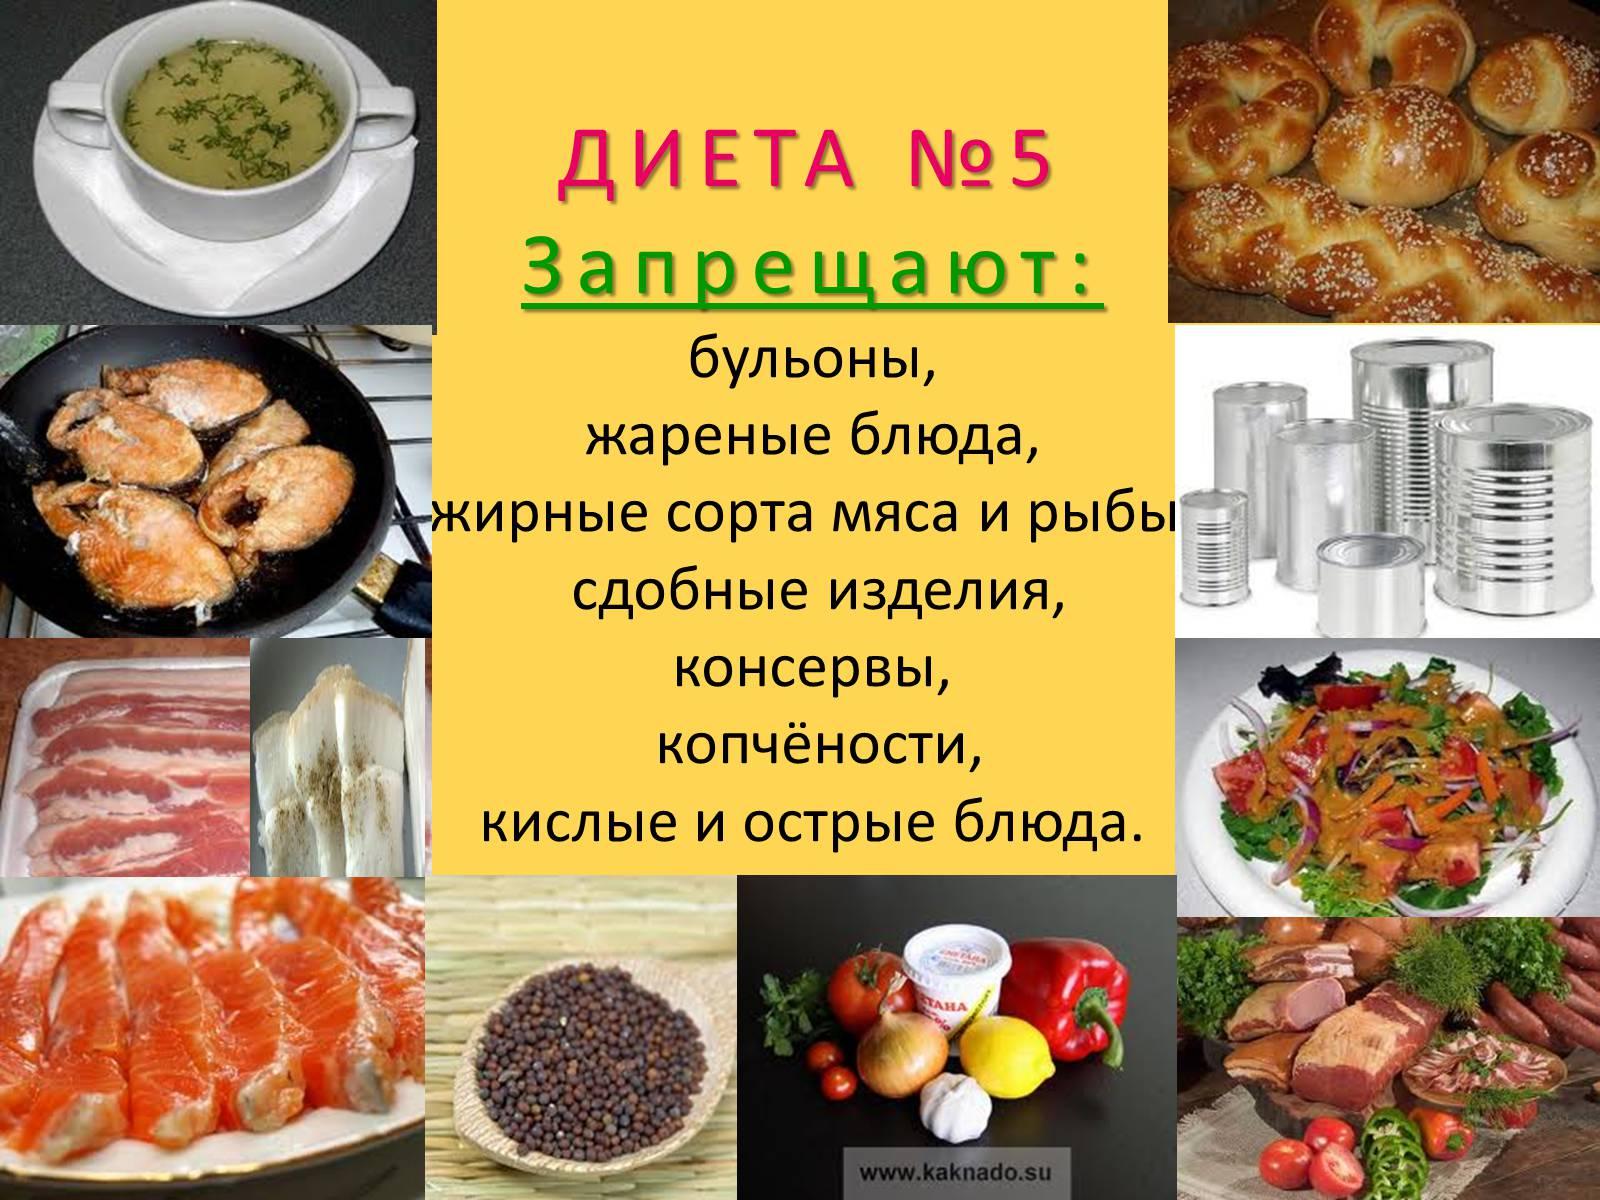 Блюда По Диете Номер 5. Диета стол №5: таблица запрещенных продуктов, 25 самых вкусных рецептов блюд